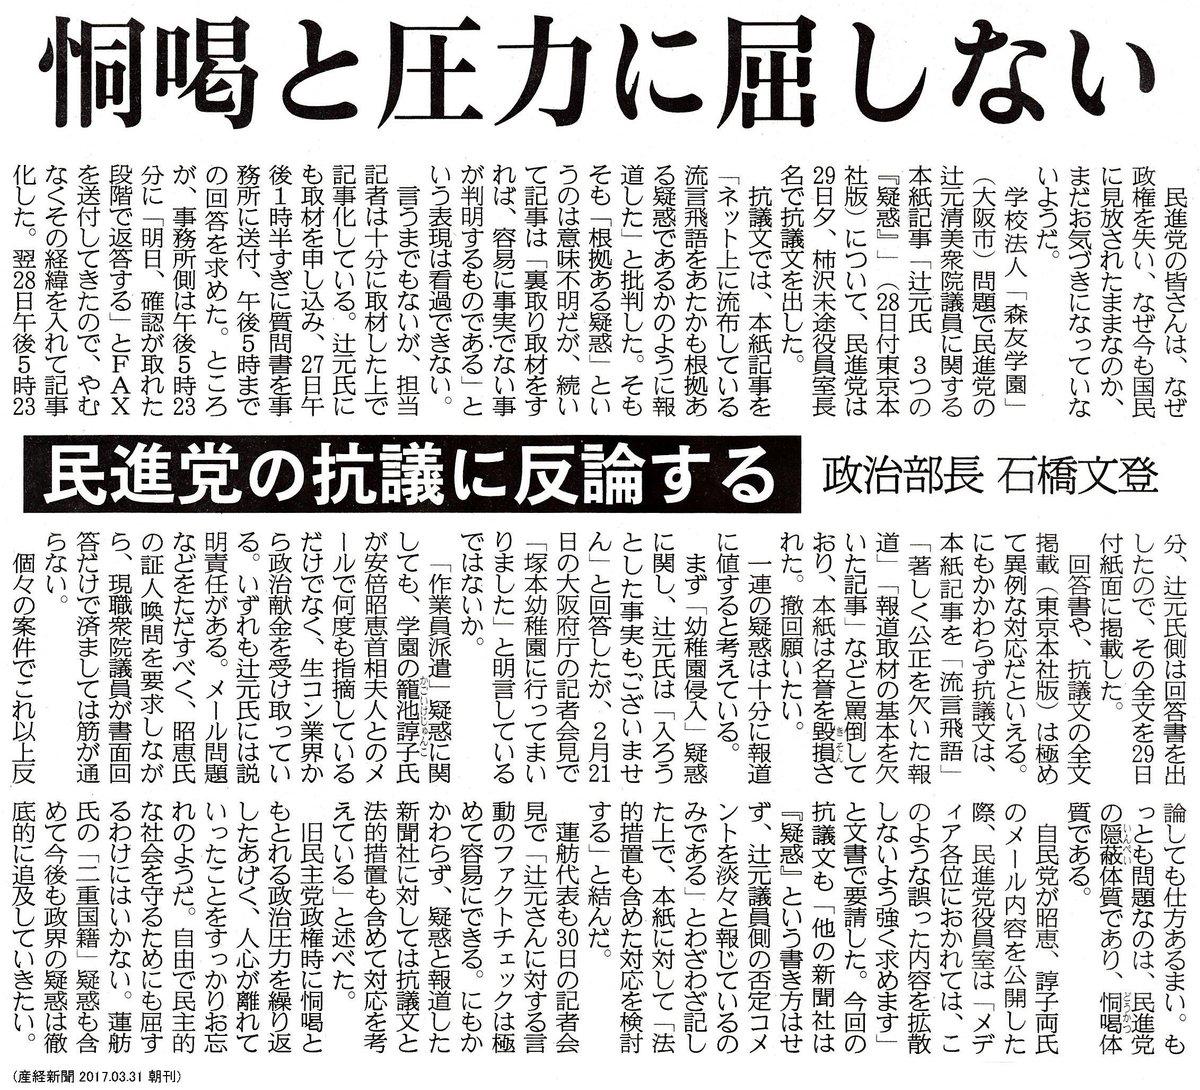 民進党 産経新聞 圧力 報道の自由 真相解明 質問状 柿沢未途 生コン アンコン 連帯ユニオン 北朝鮮